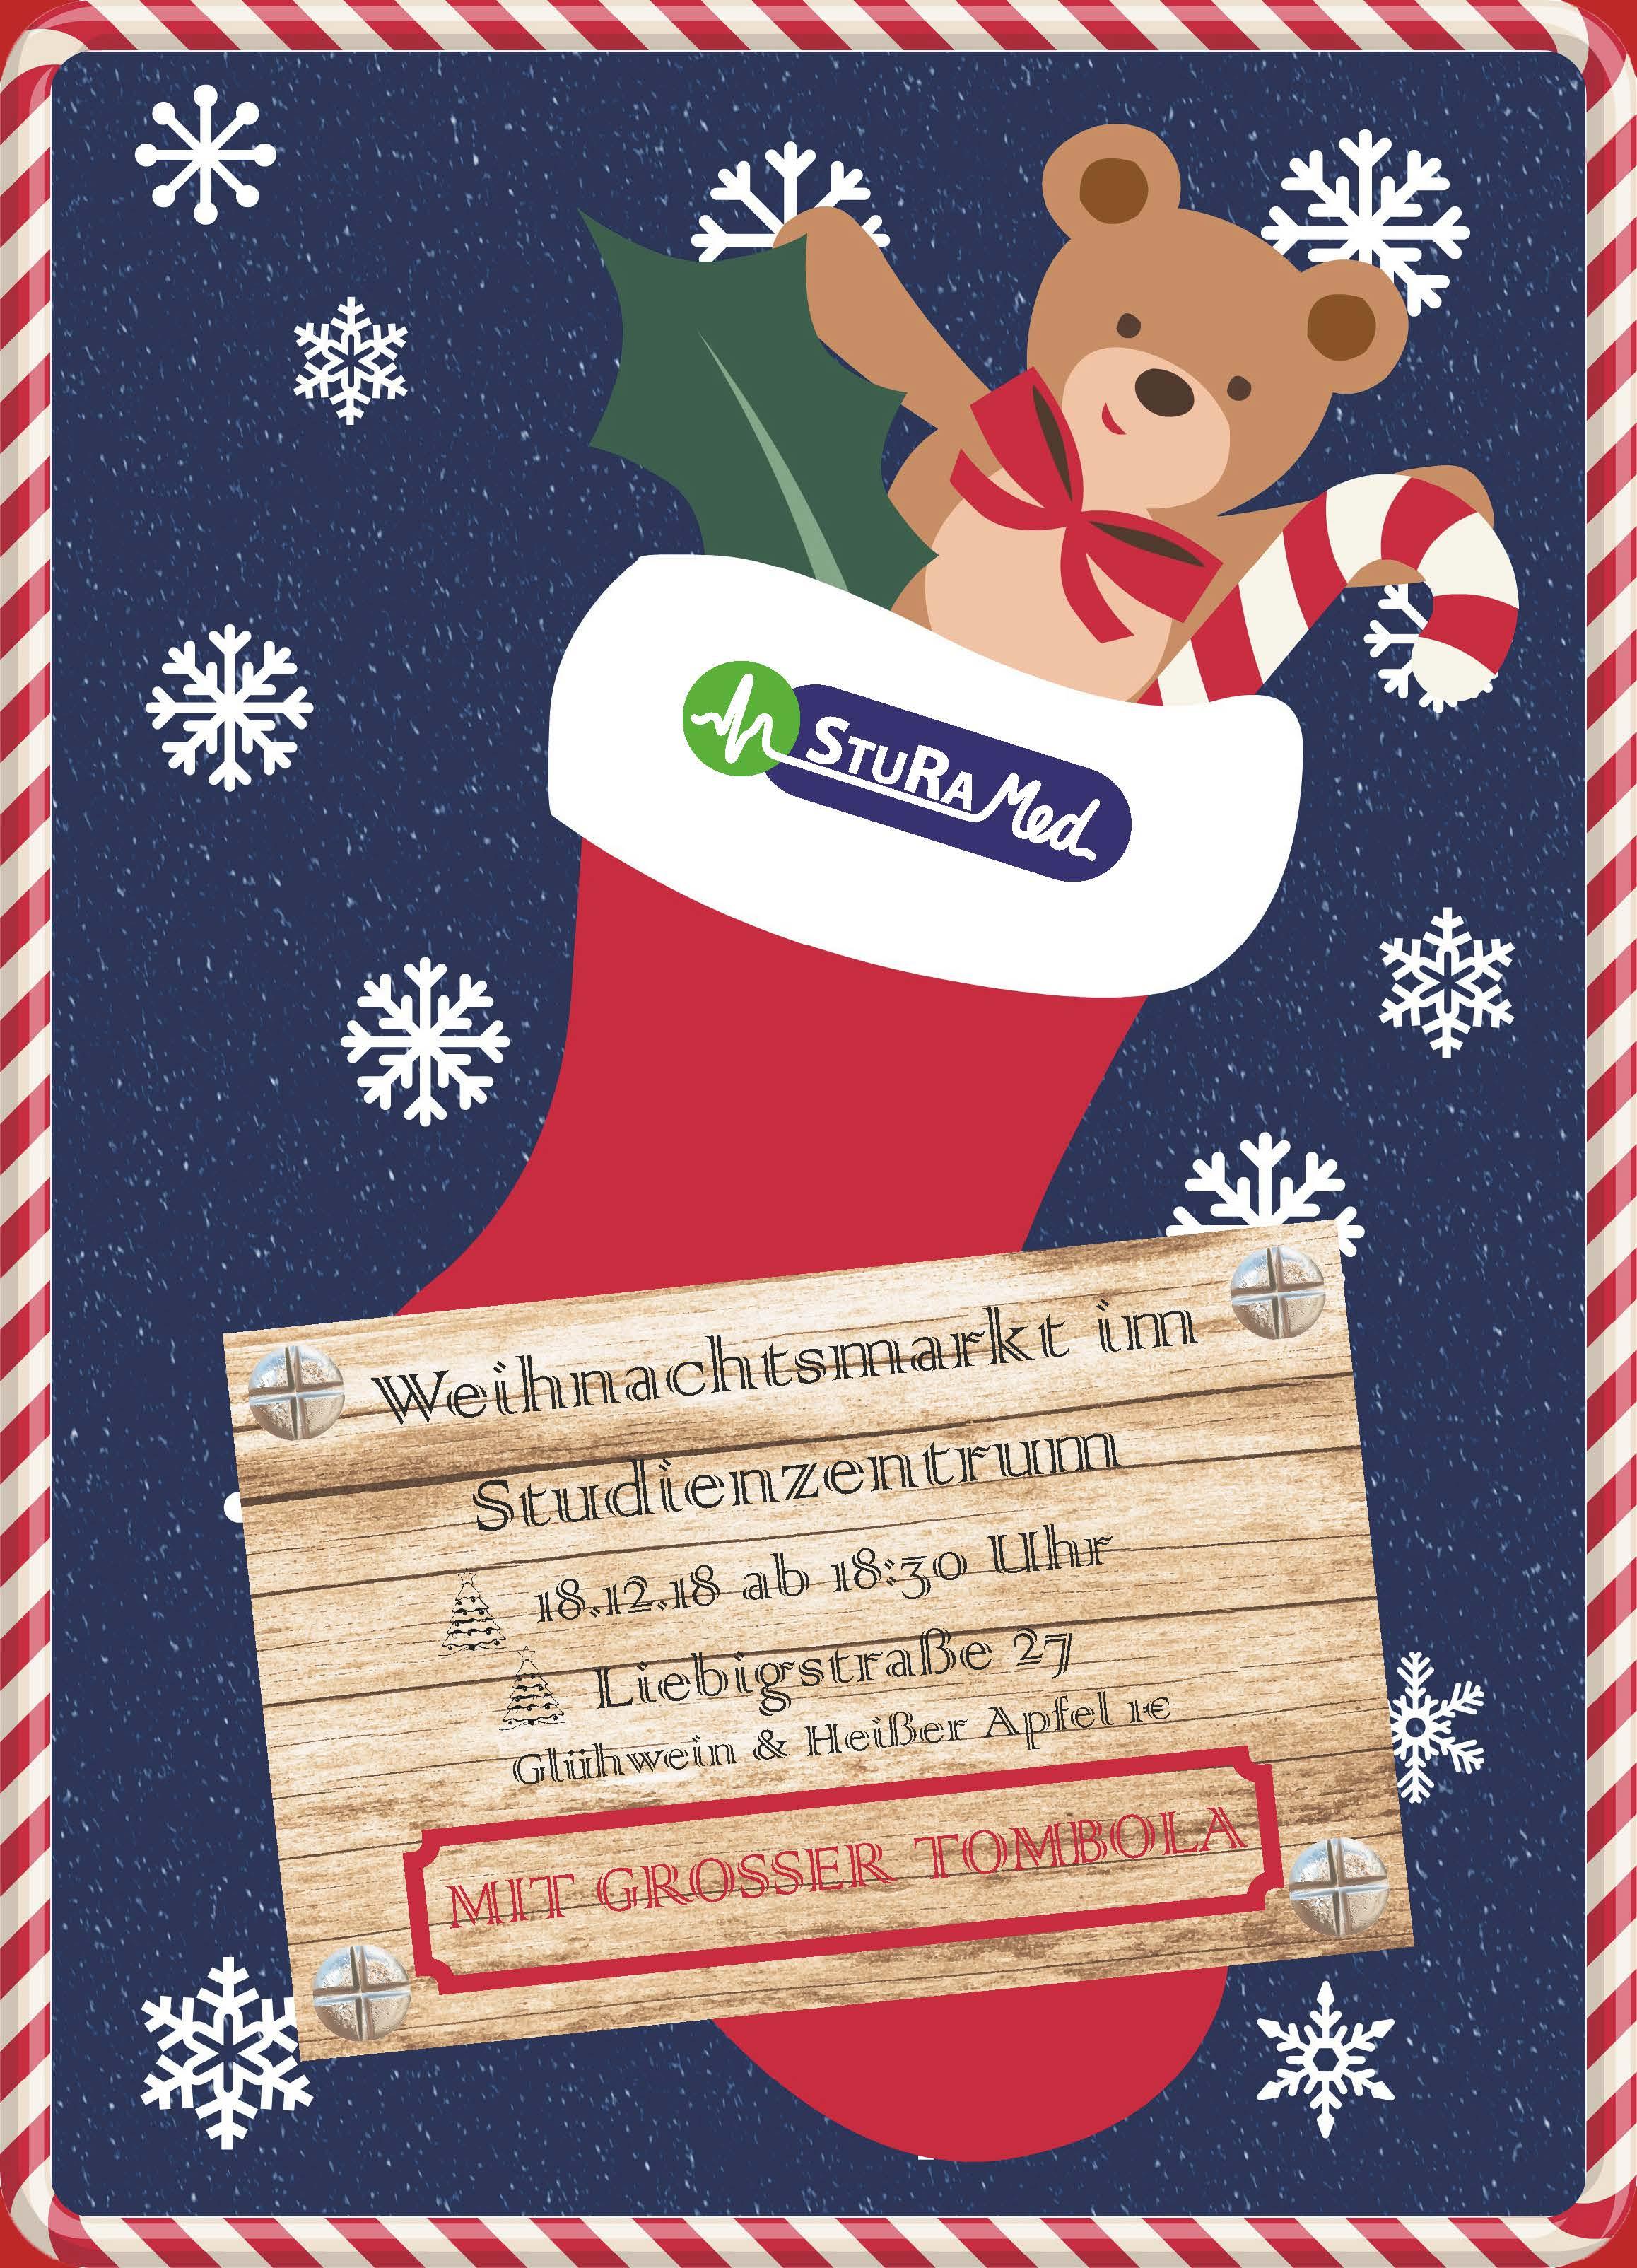 Weihnachtsmarkt Ende.Weihnachtsmarkt Im Studienzentrum Sturamed Leipzig